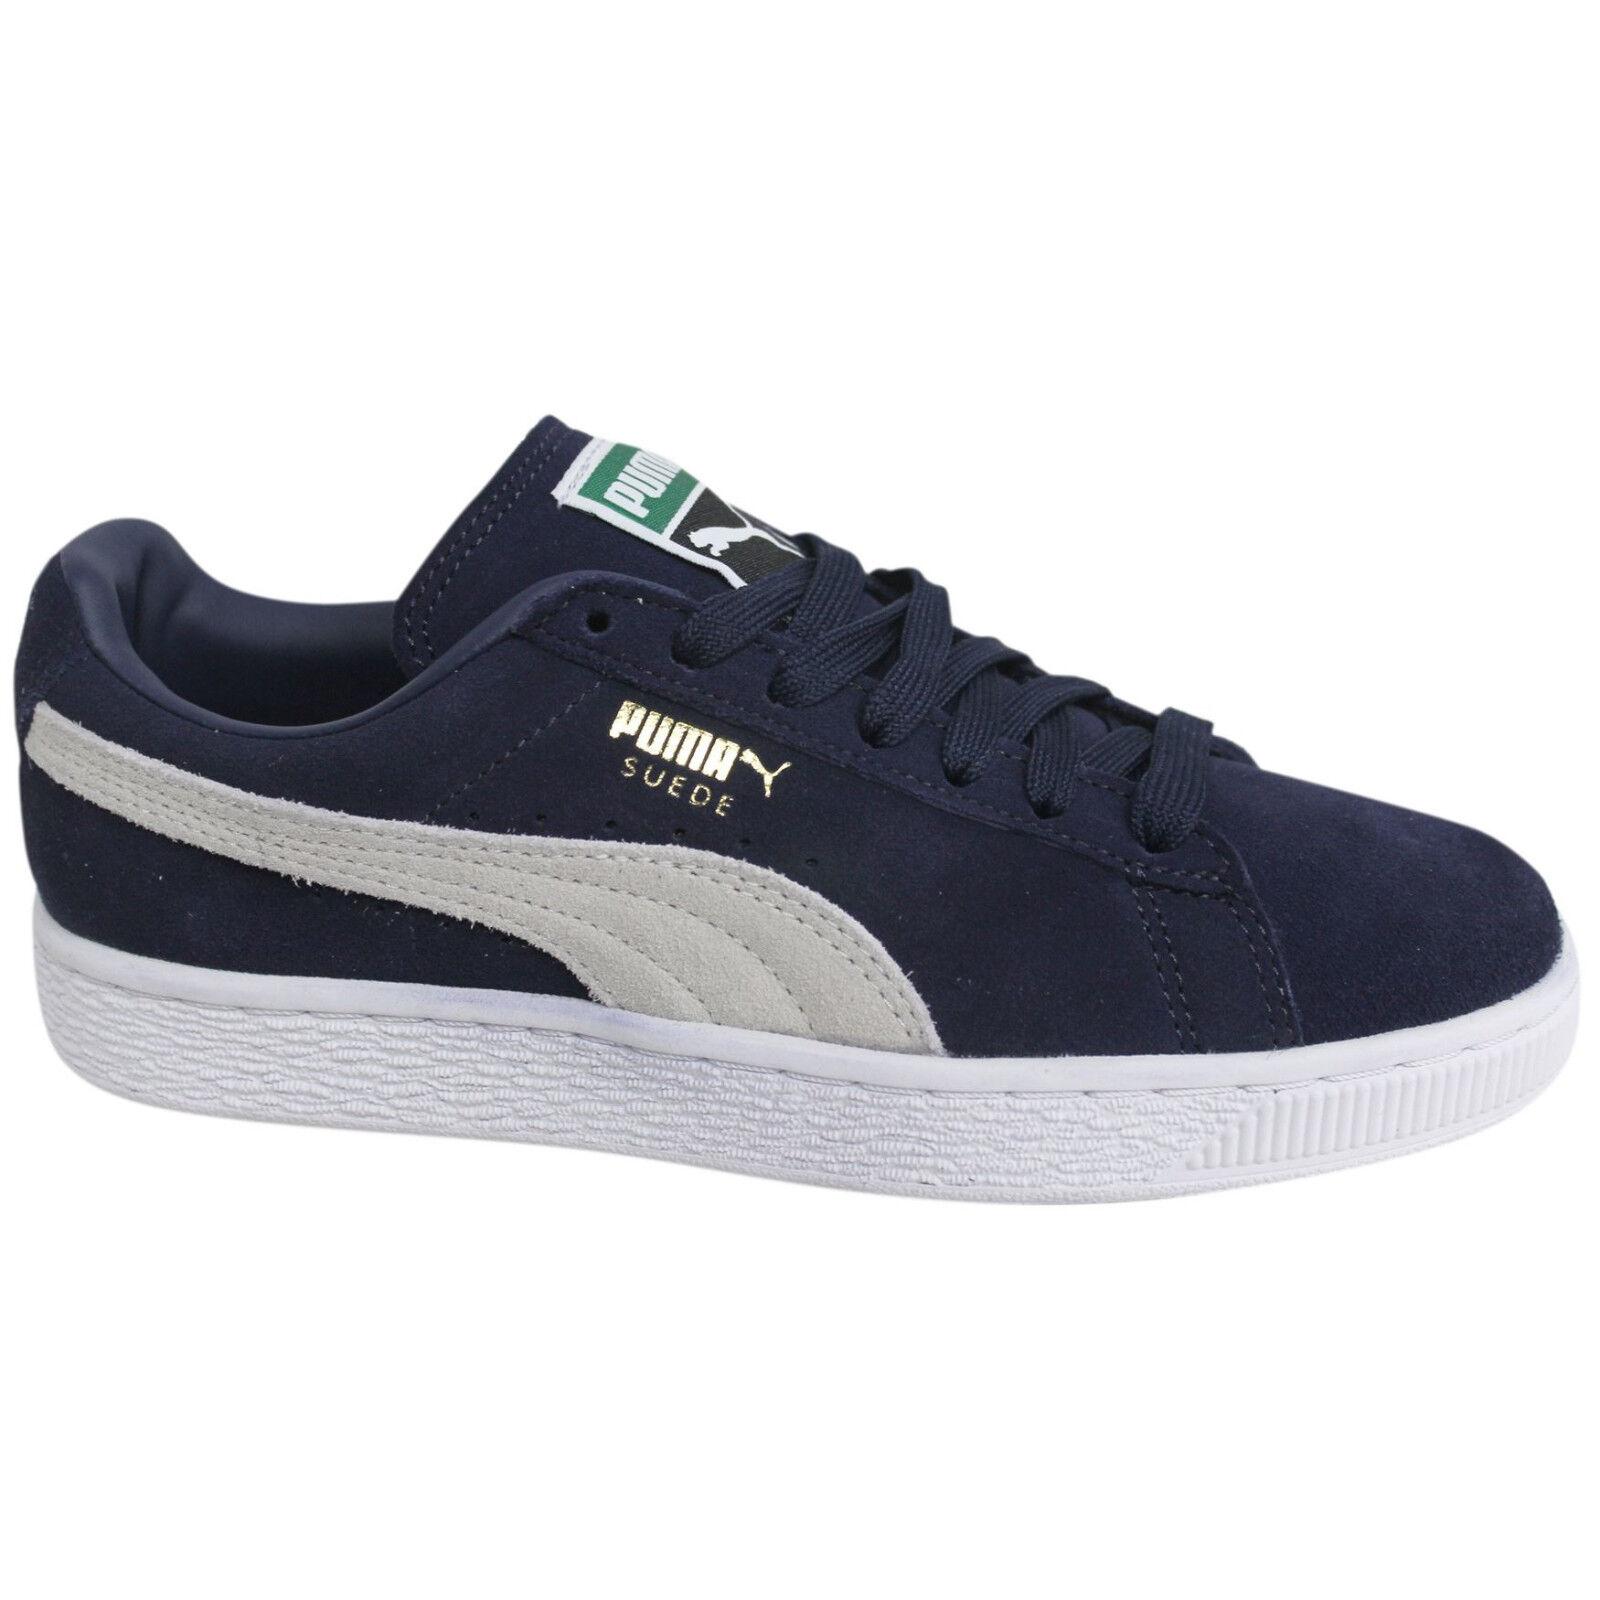 PUMA SUEDE CLASSIC+ - hombre Zapatillas casual para hombre - y mujer, color azul marino 394152